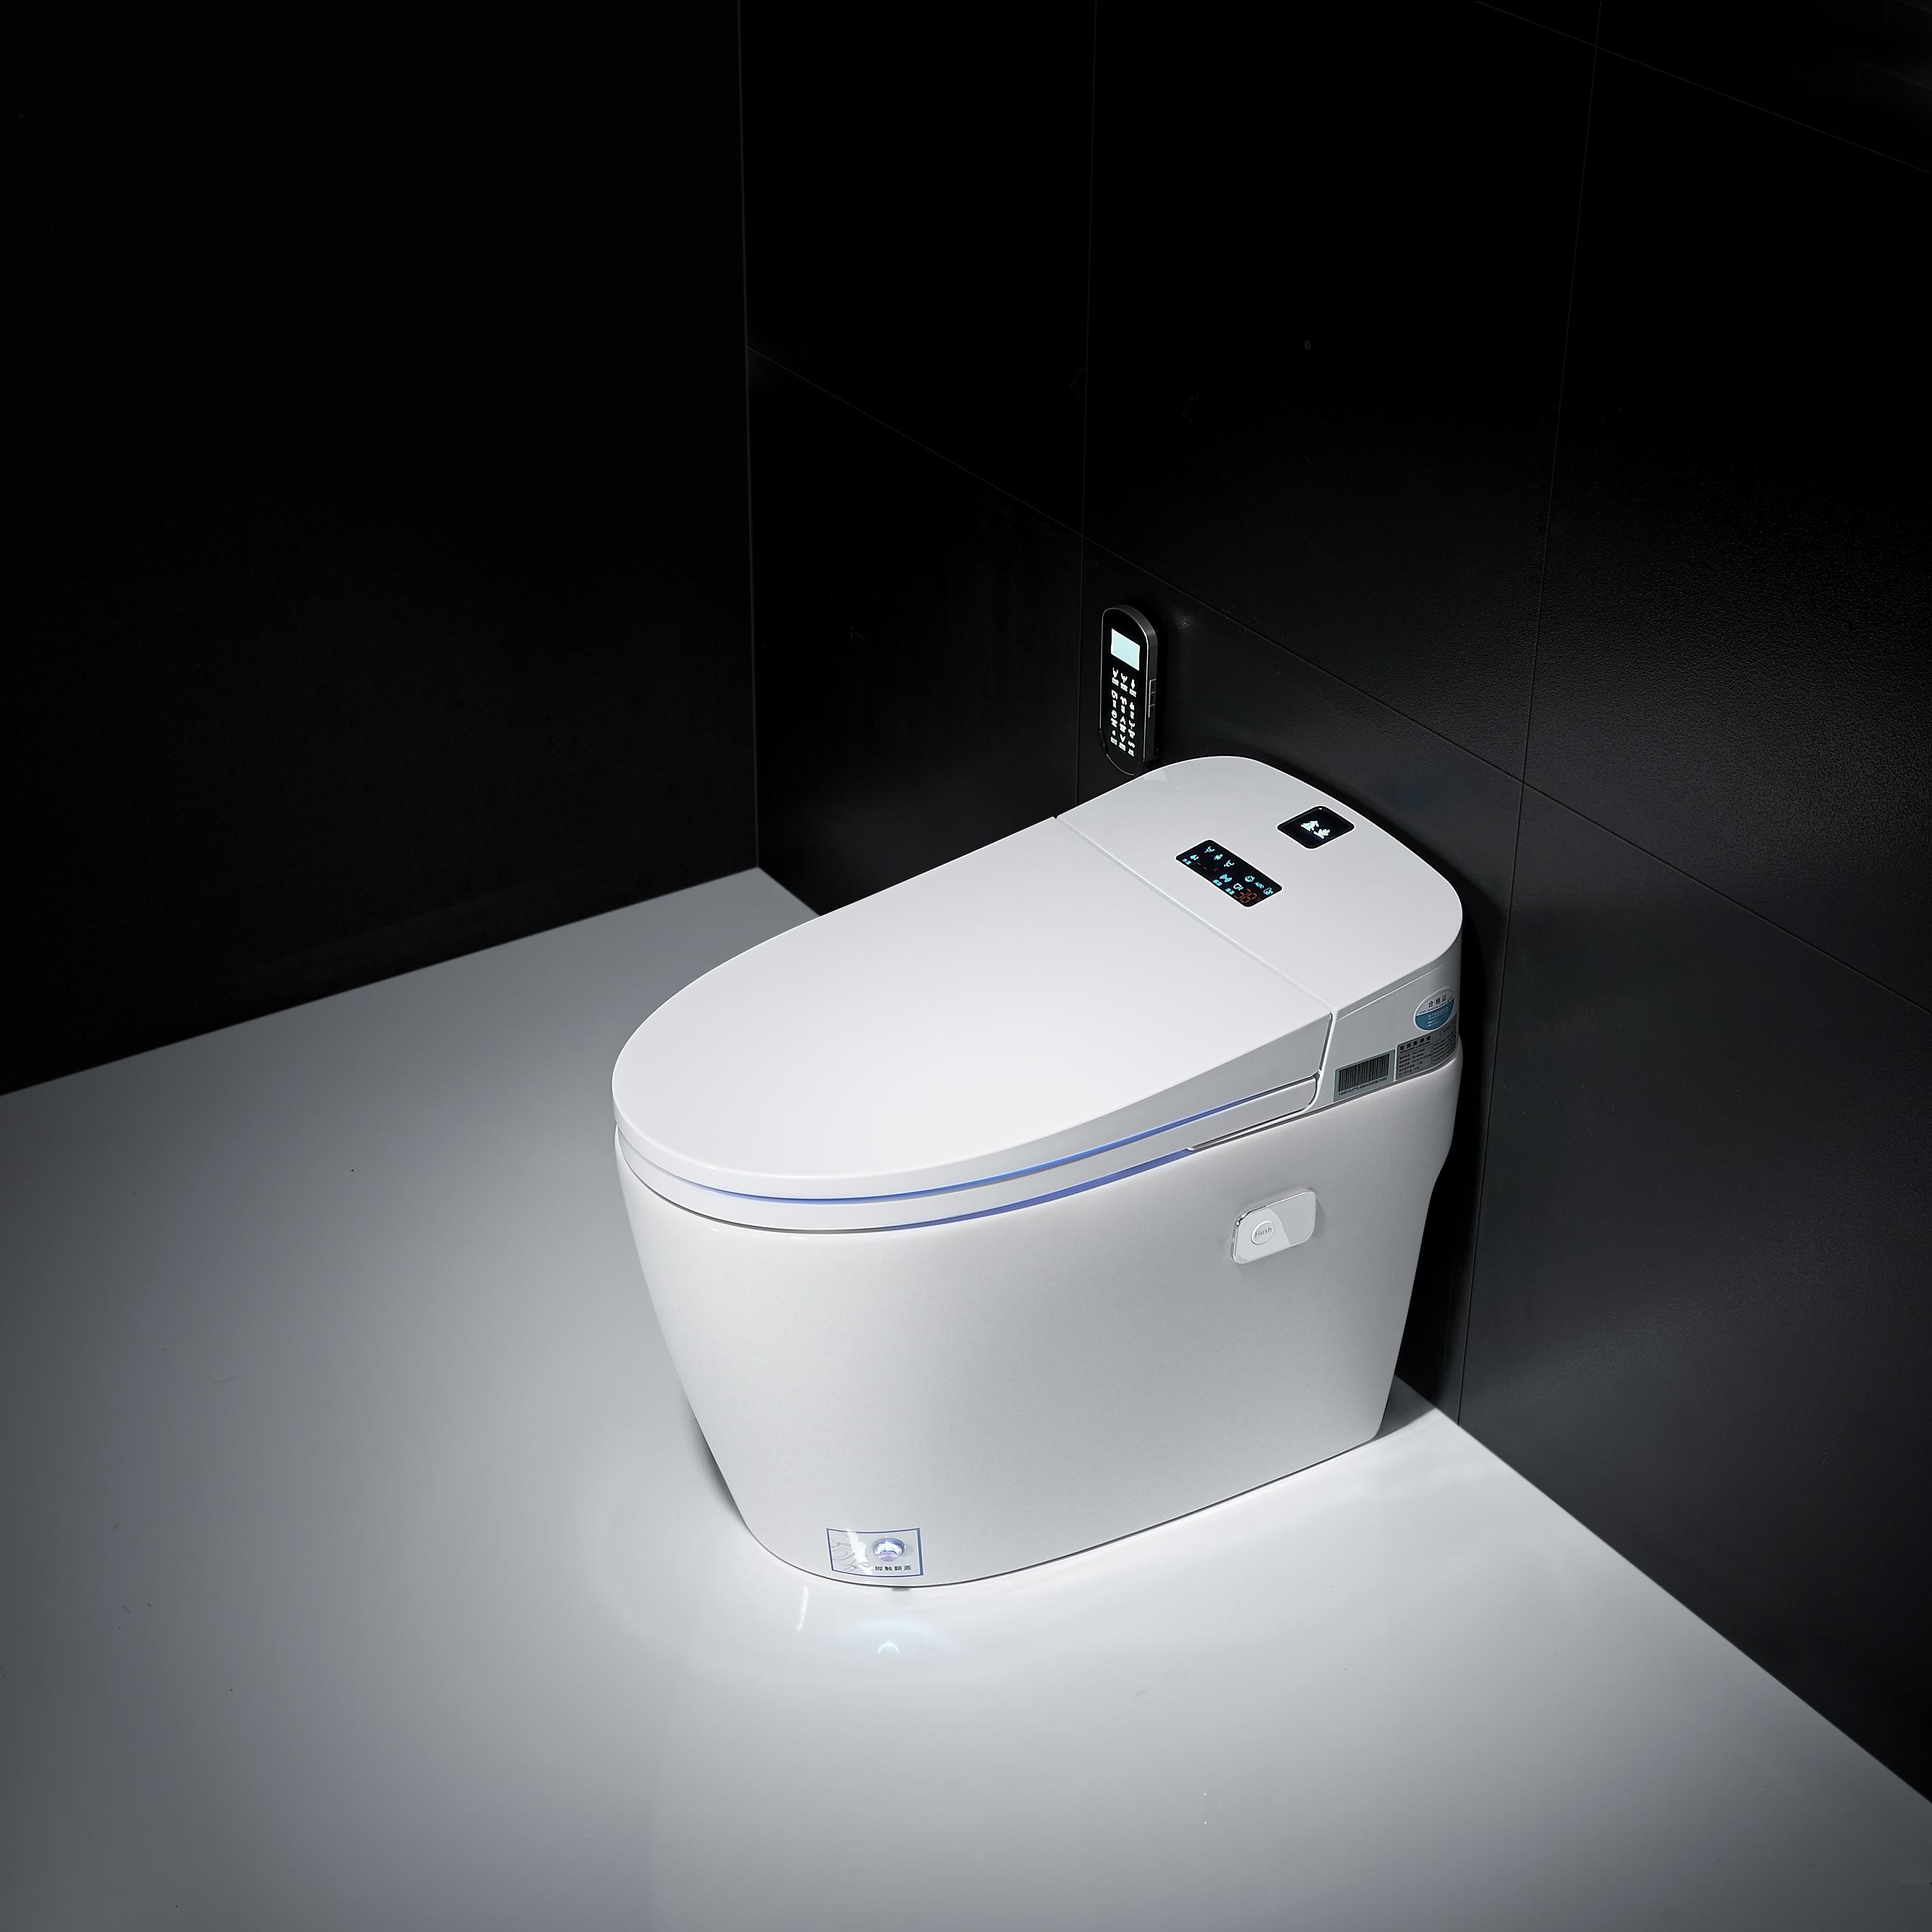 2600.00元包邮110V智能脚感翻盖合盖手势妇洗自动烘干自动冲洗马桶全智能坐便器